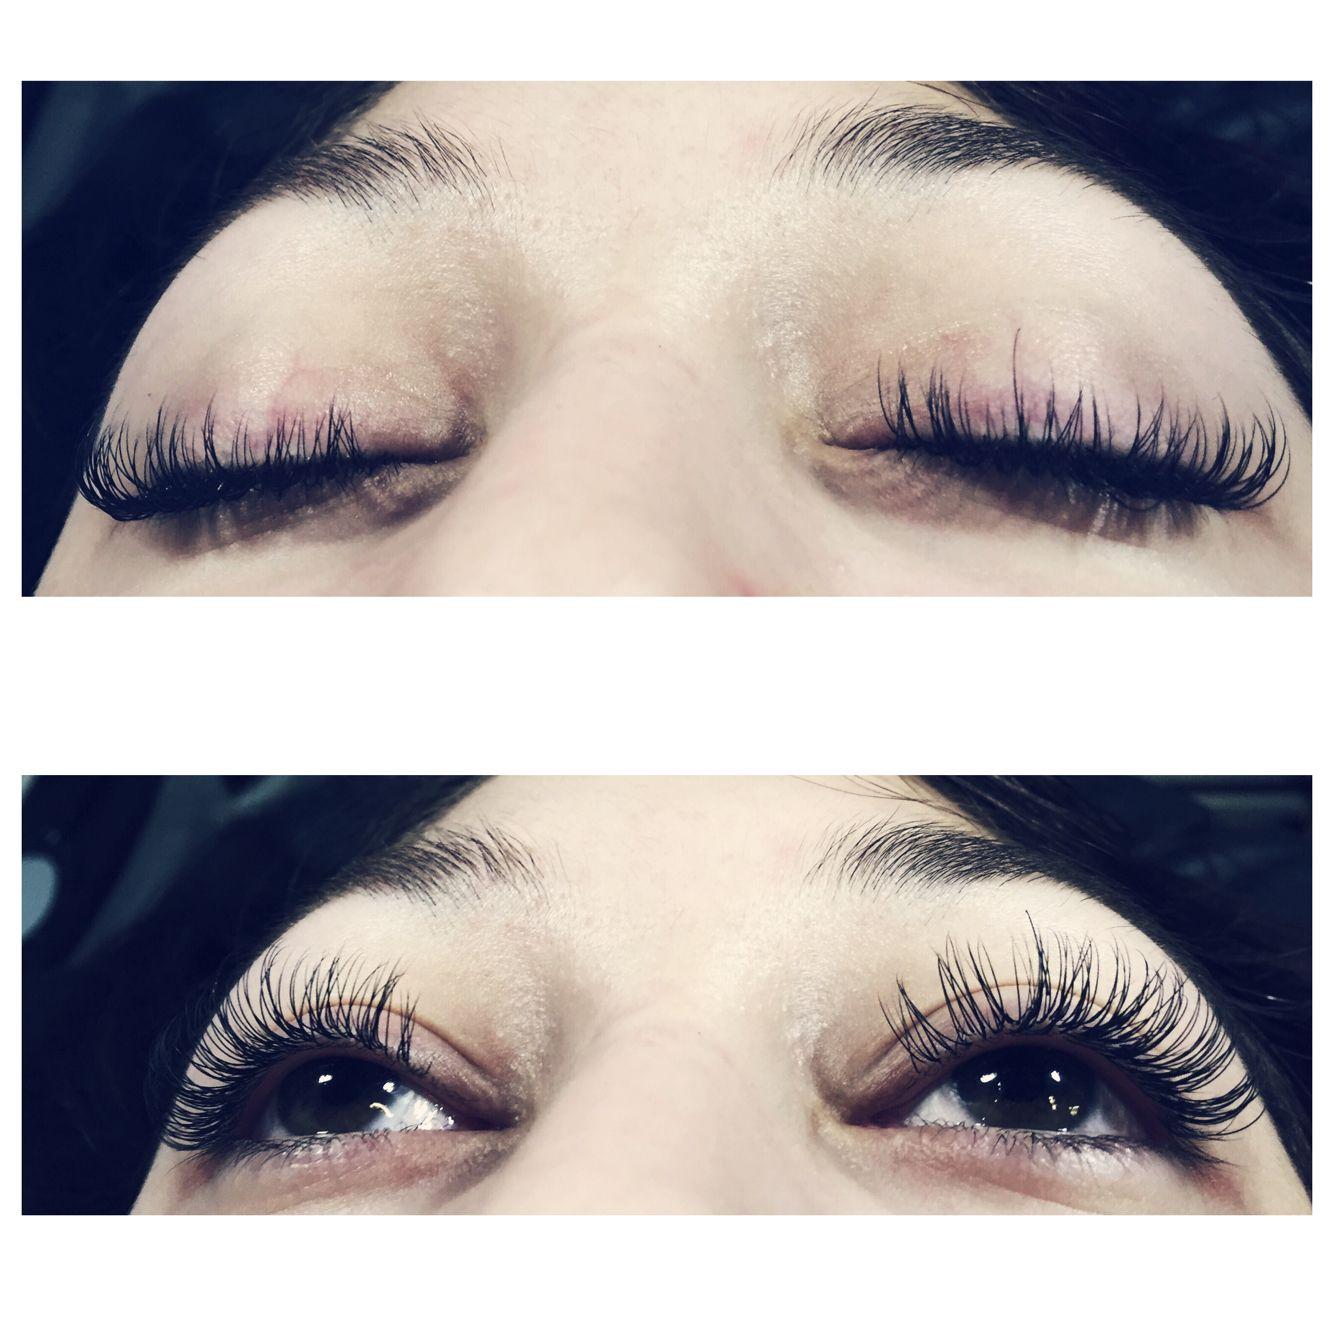 8fe85ad8a49 Fun, flirty, curly eyelash extensions I did! | My work! | Eyelashes ...